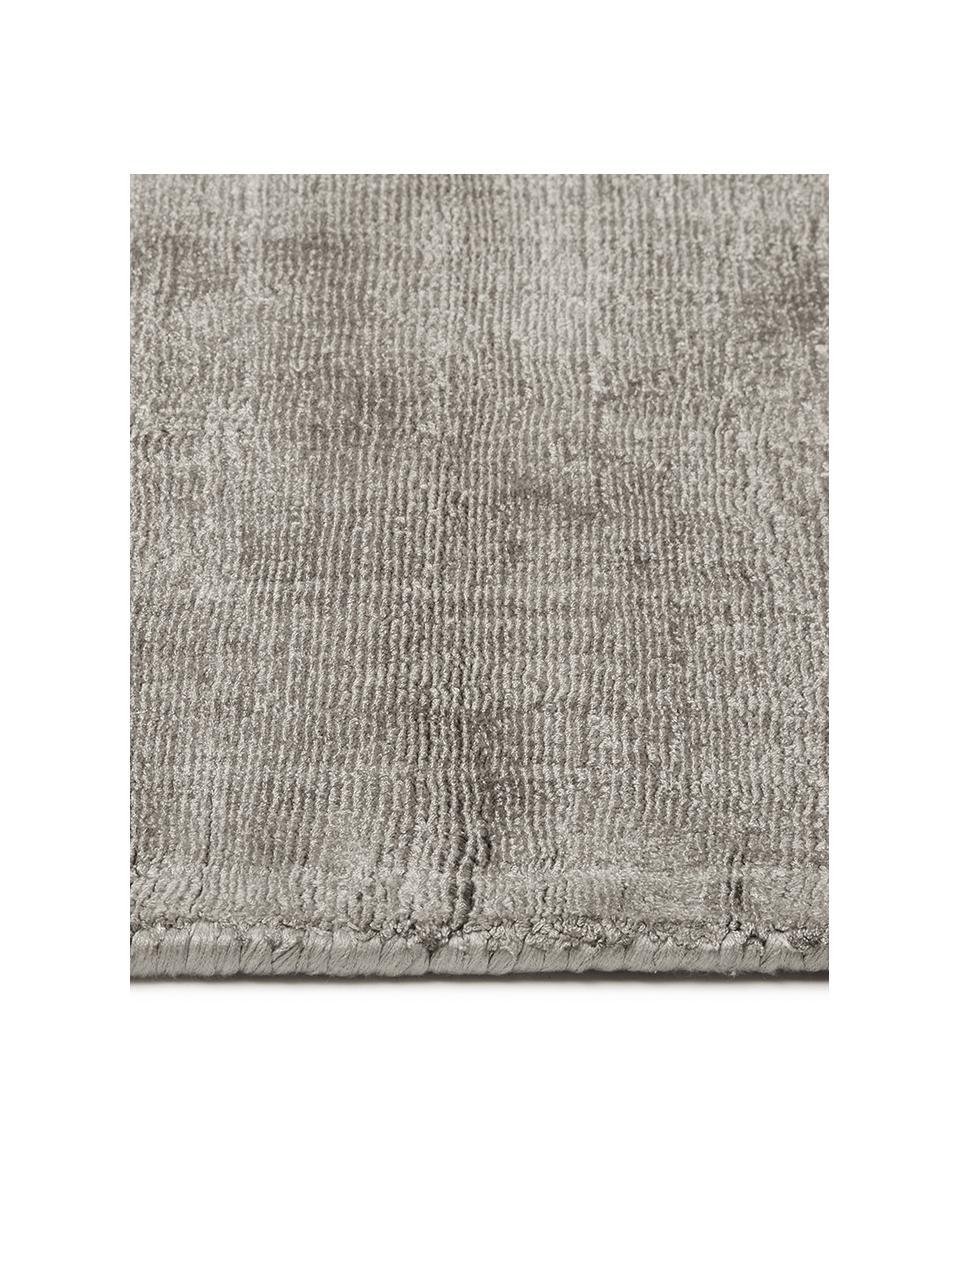 Tappeto in viscosa color taupe tessuto a mano Jane, Retro: 100% cotone, Taupe, Larg. 300 x Lung. 400 cm (taglia XL)